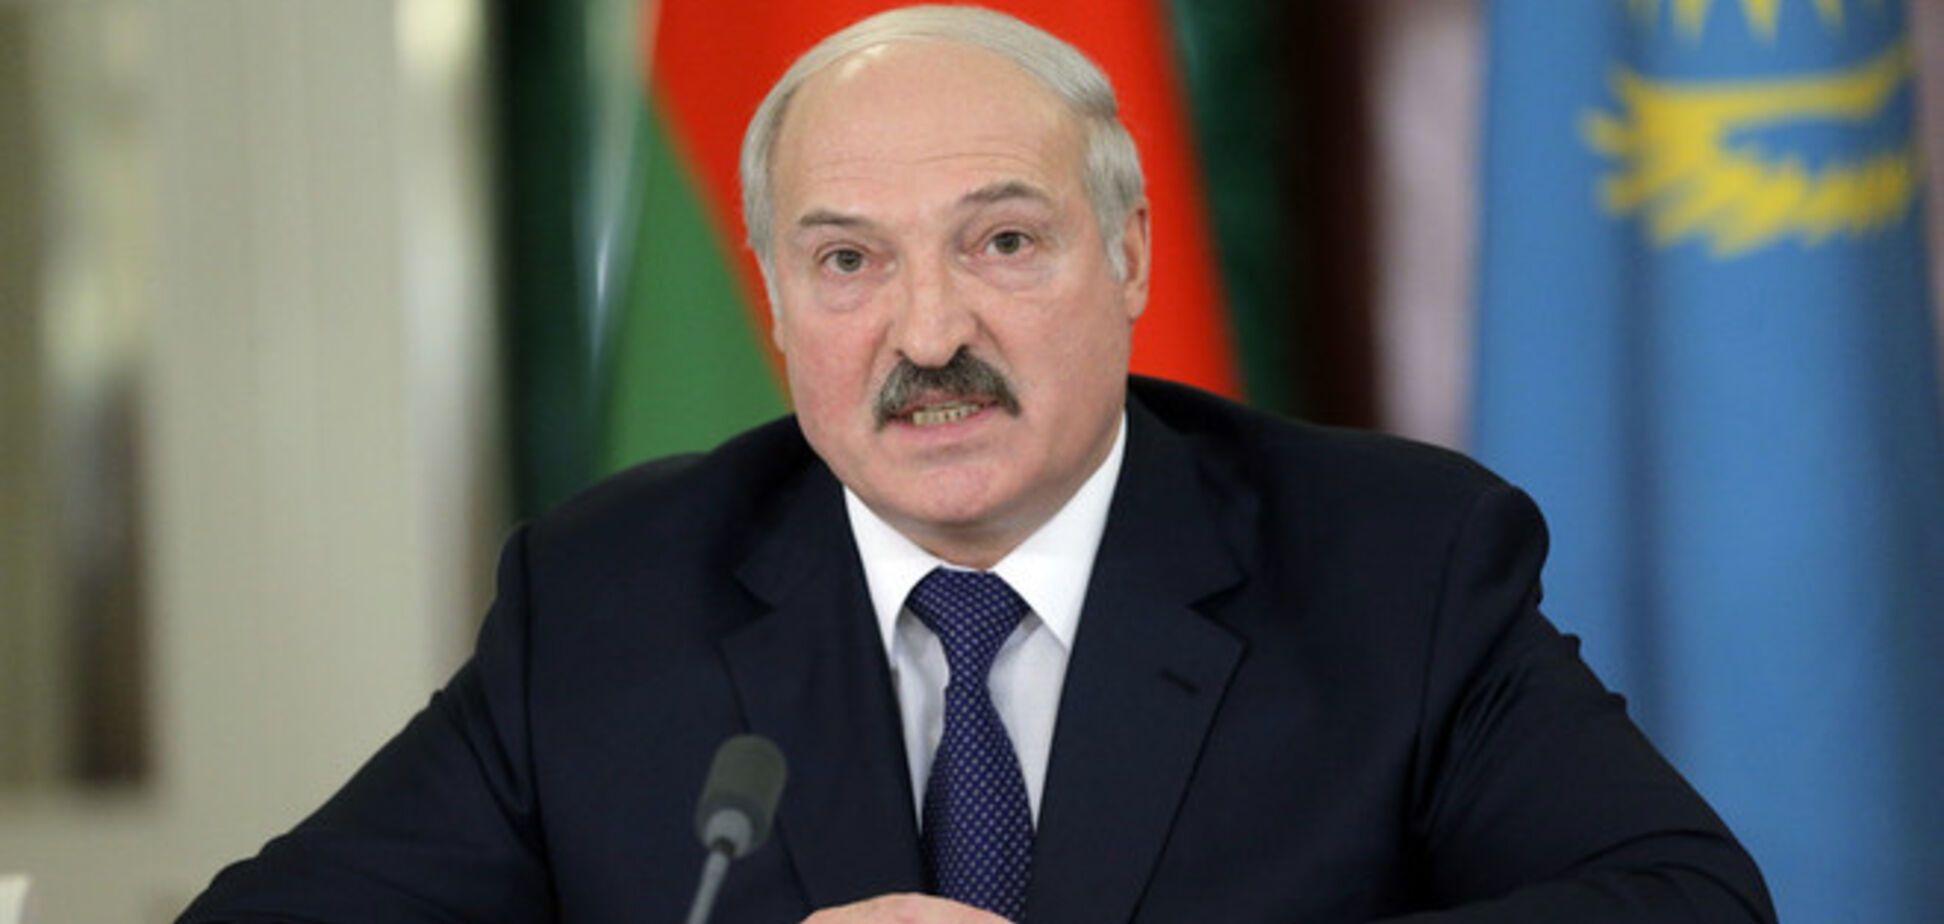 Лукашенко пожаловался на отсутствие свободной торговли в Таможенном союзе